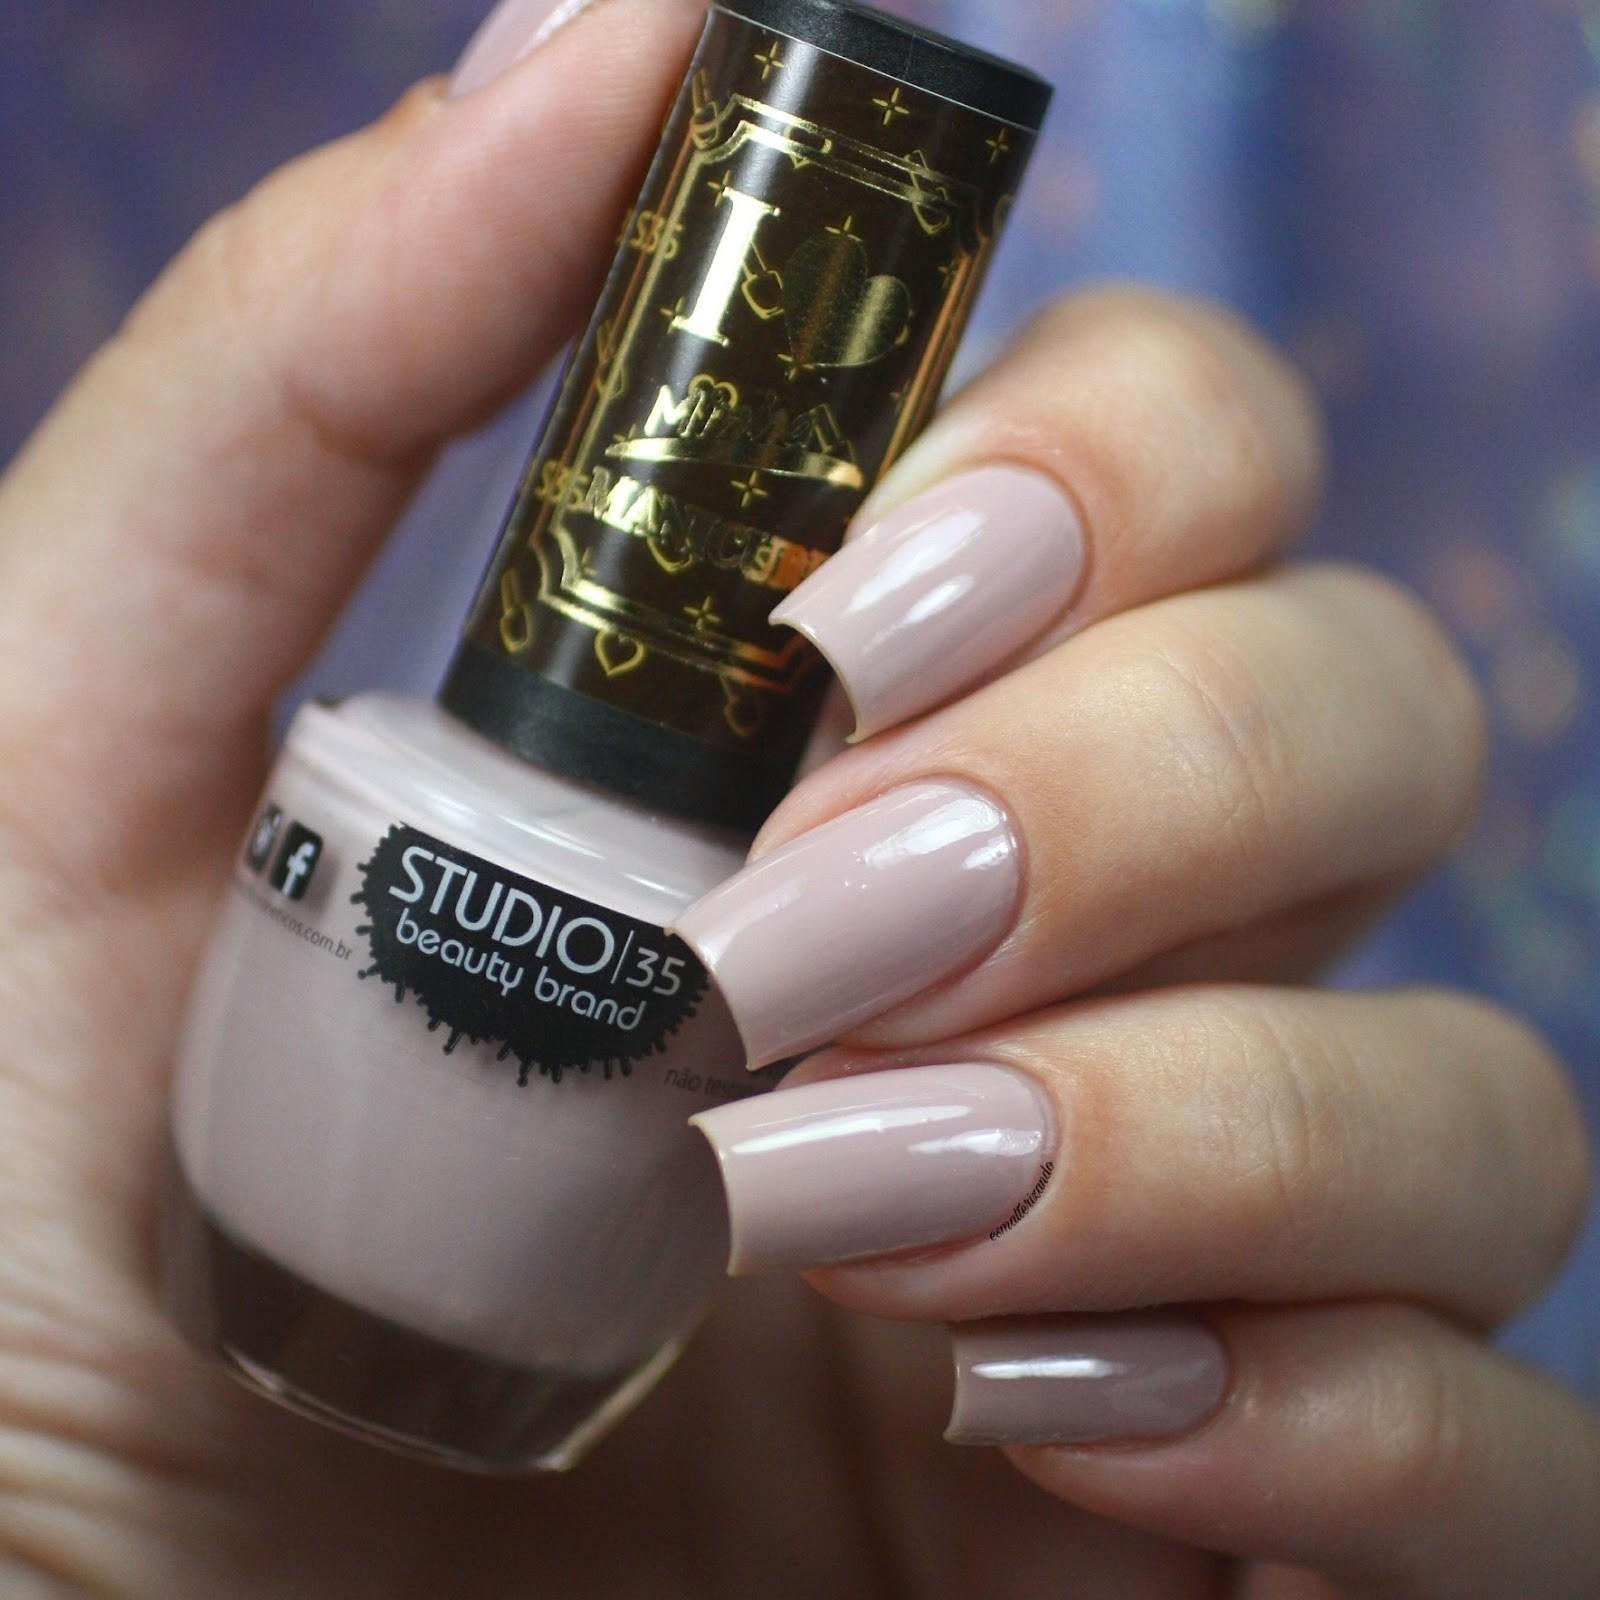 Esmalte Studio 35 #AnaDeslumbrante Coleção I Love Minha Manicure